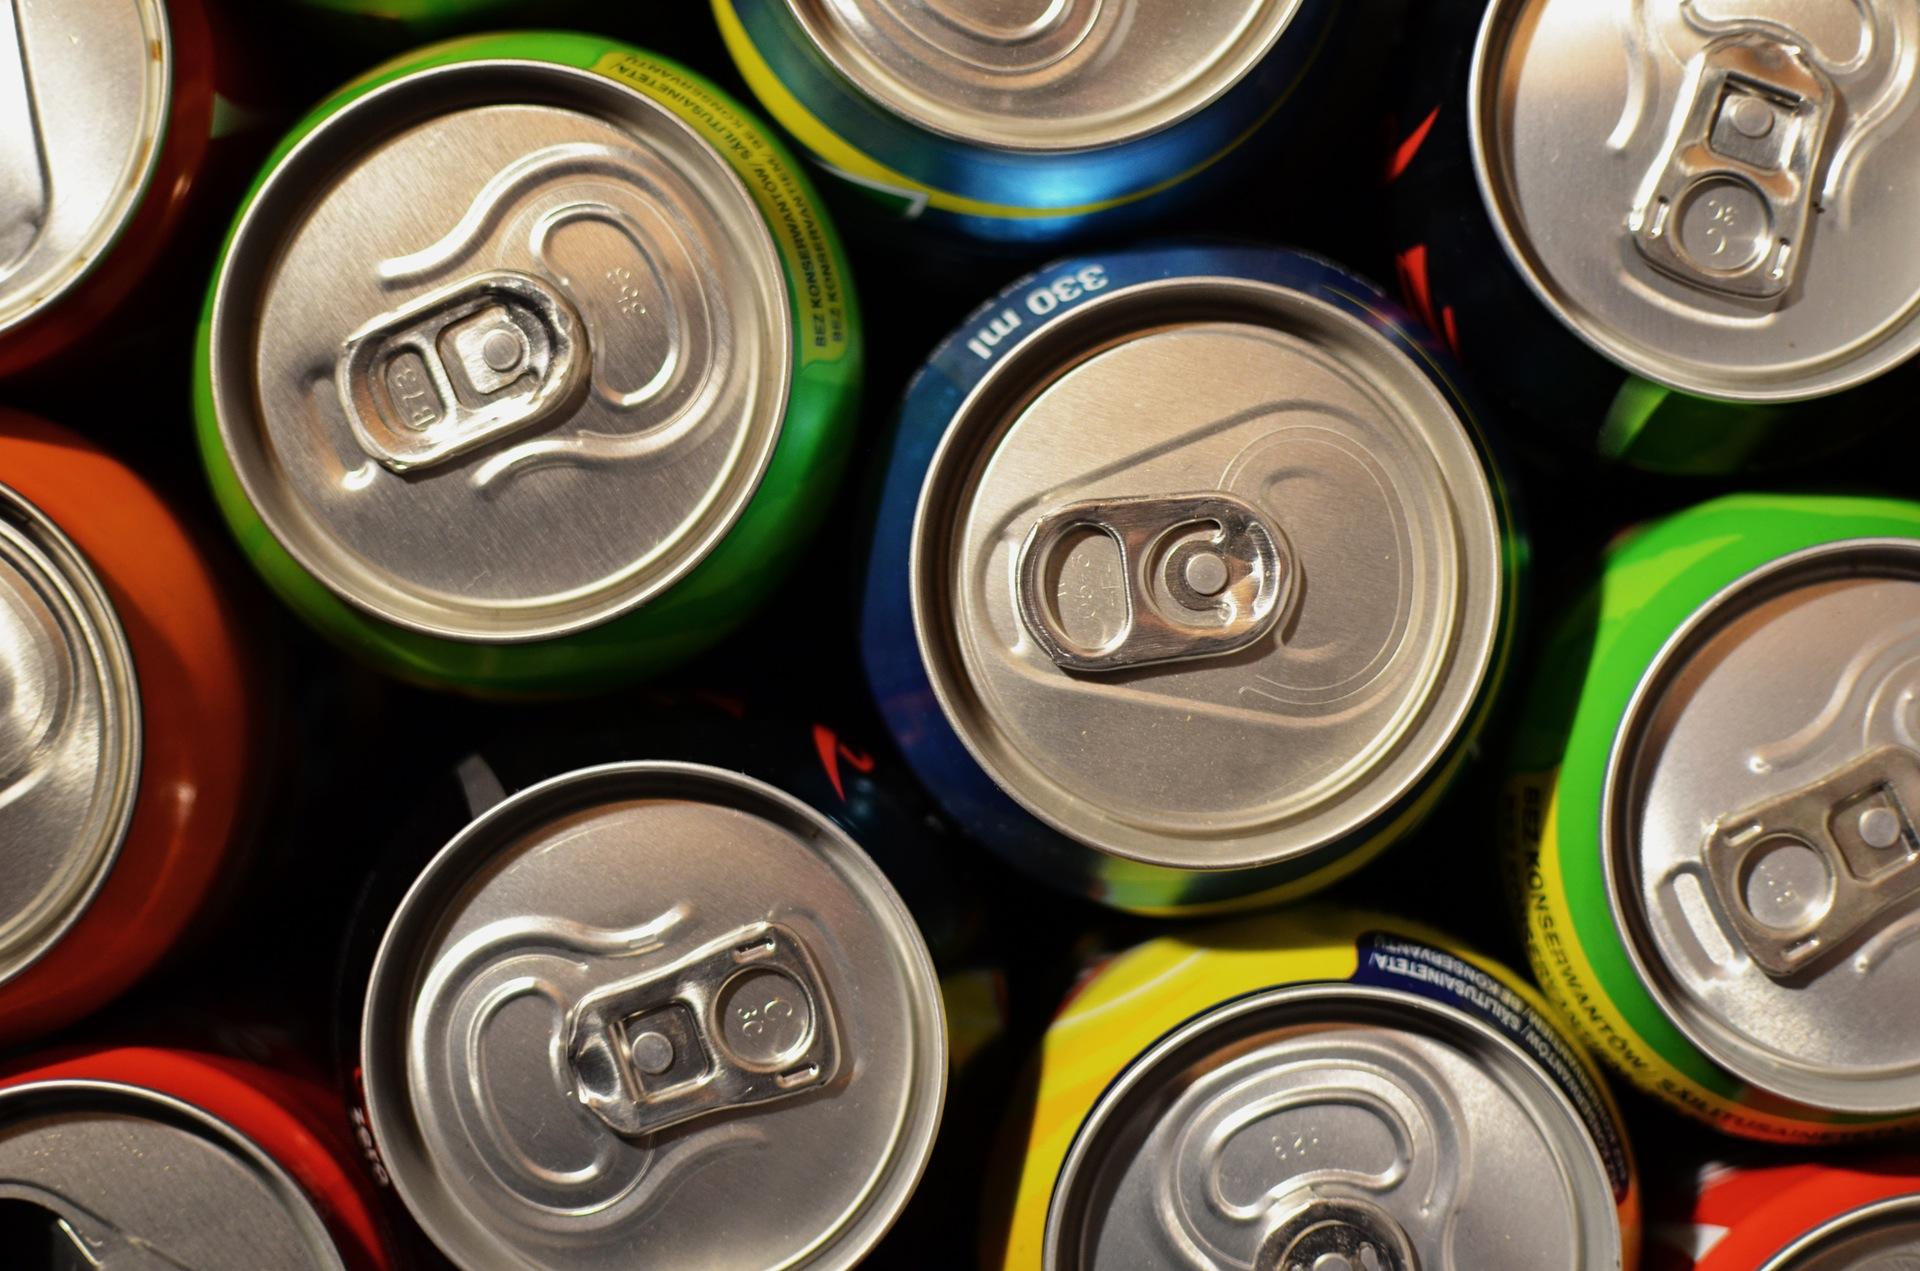 boîtes de conserve, boissons non alcoolisées, boissons, anneaux, couleurs, supermarché, Boutique - Fonds d'écran HD - Professor-falken.com